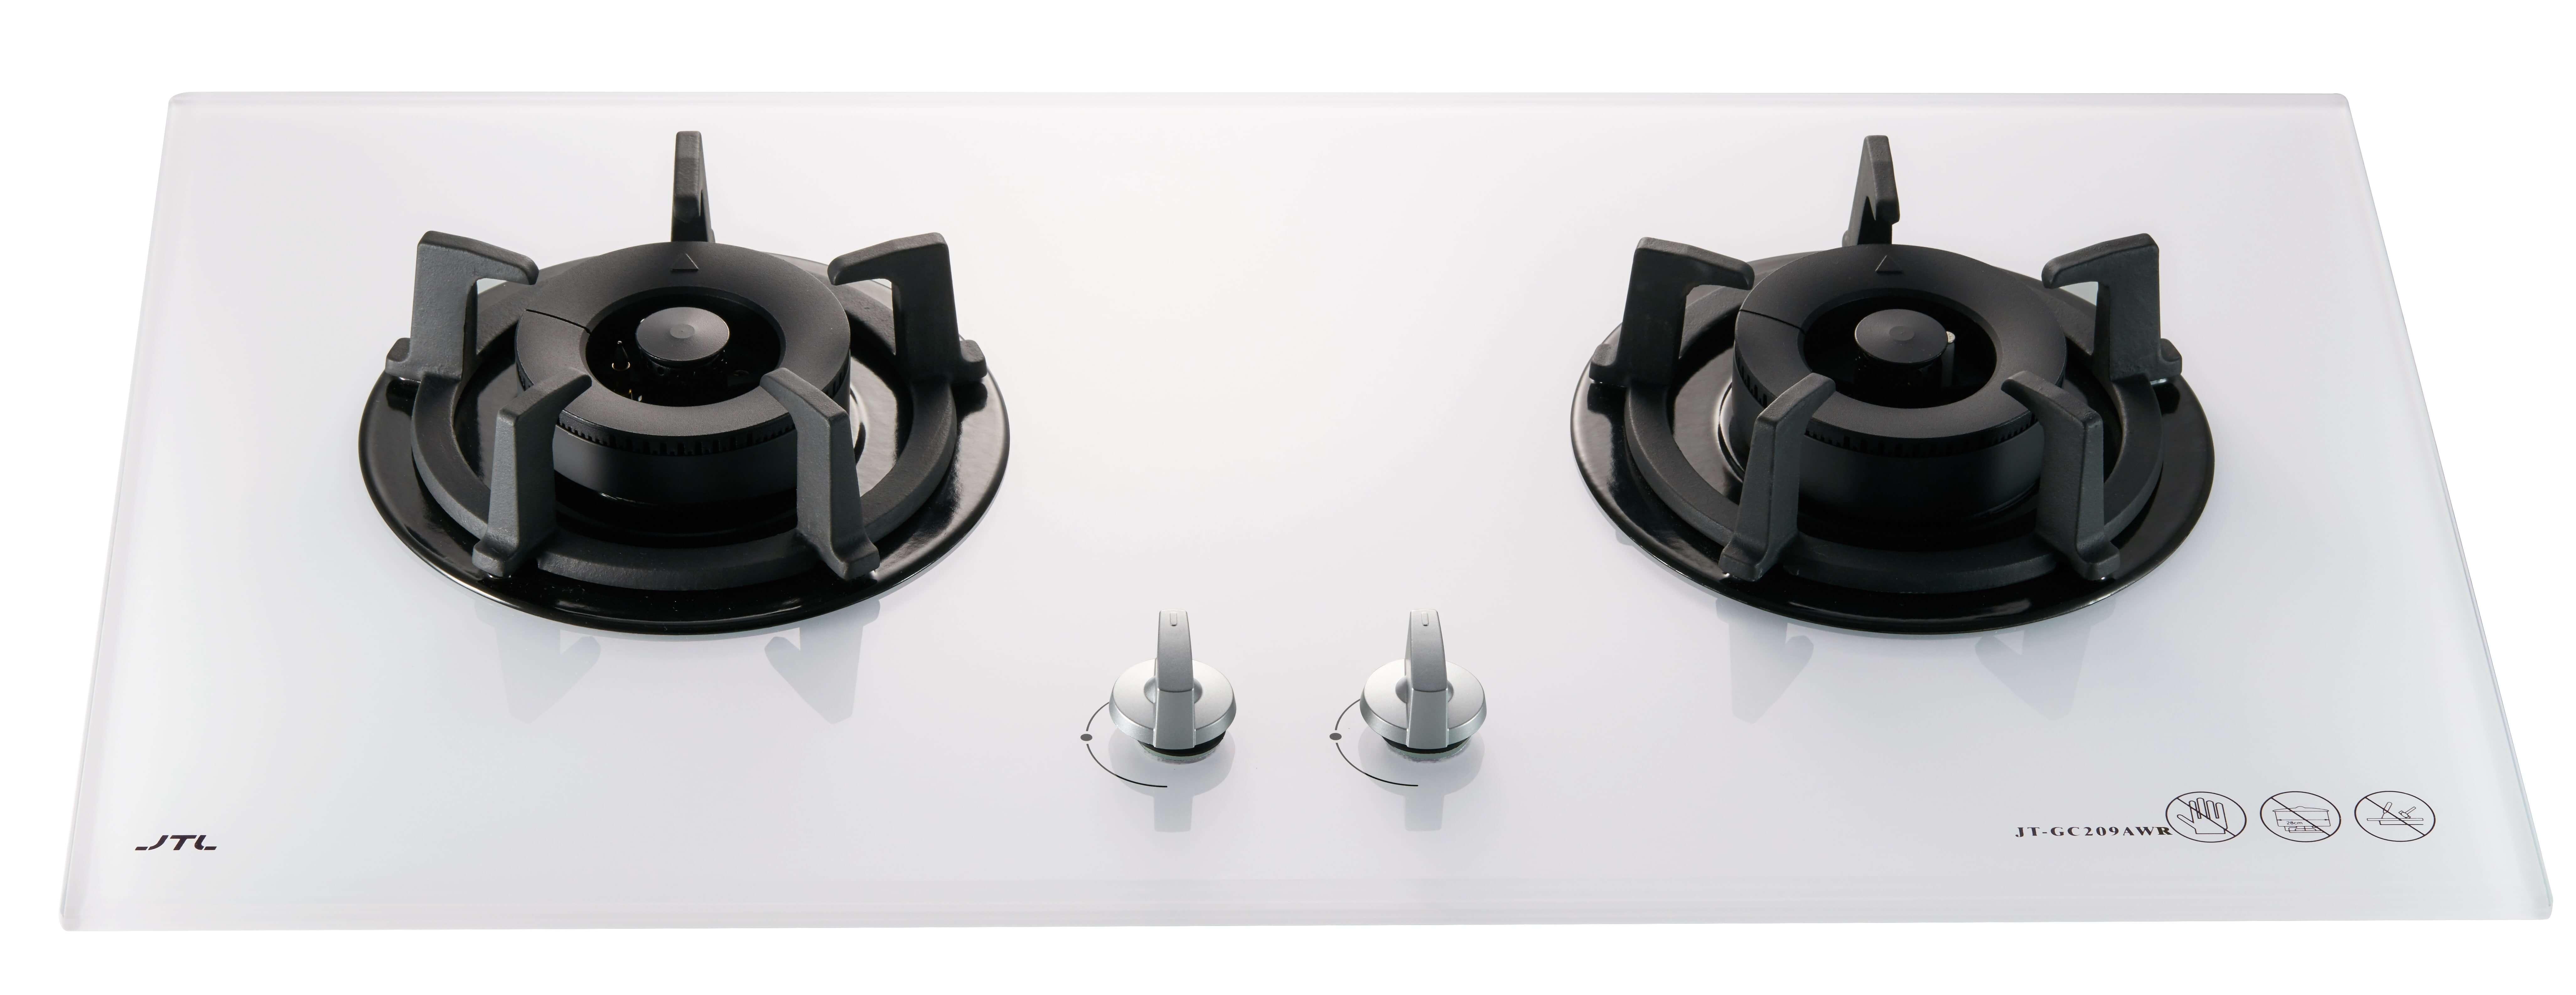 JT-GC209AWR 智能連動雙口白色玻璃檯面爐(即將上市)-JT-GC209AWR